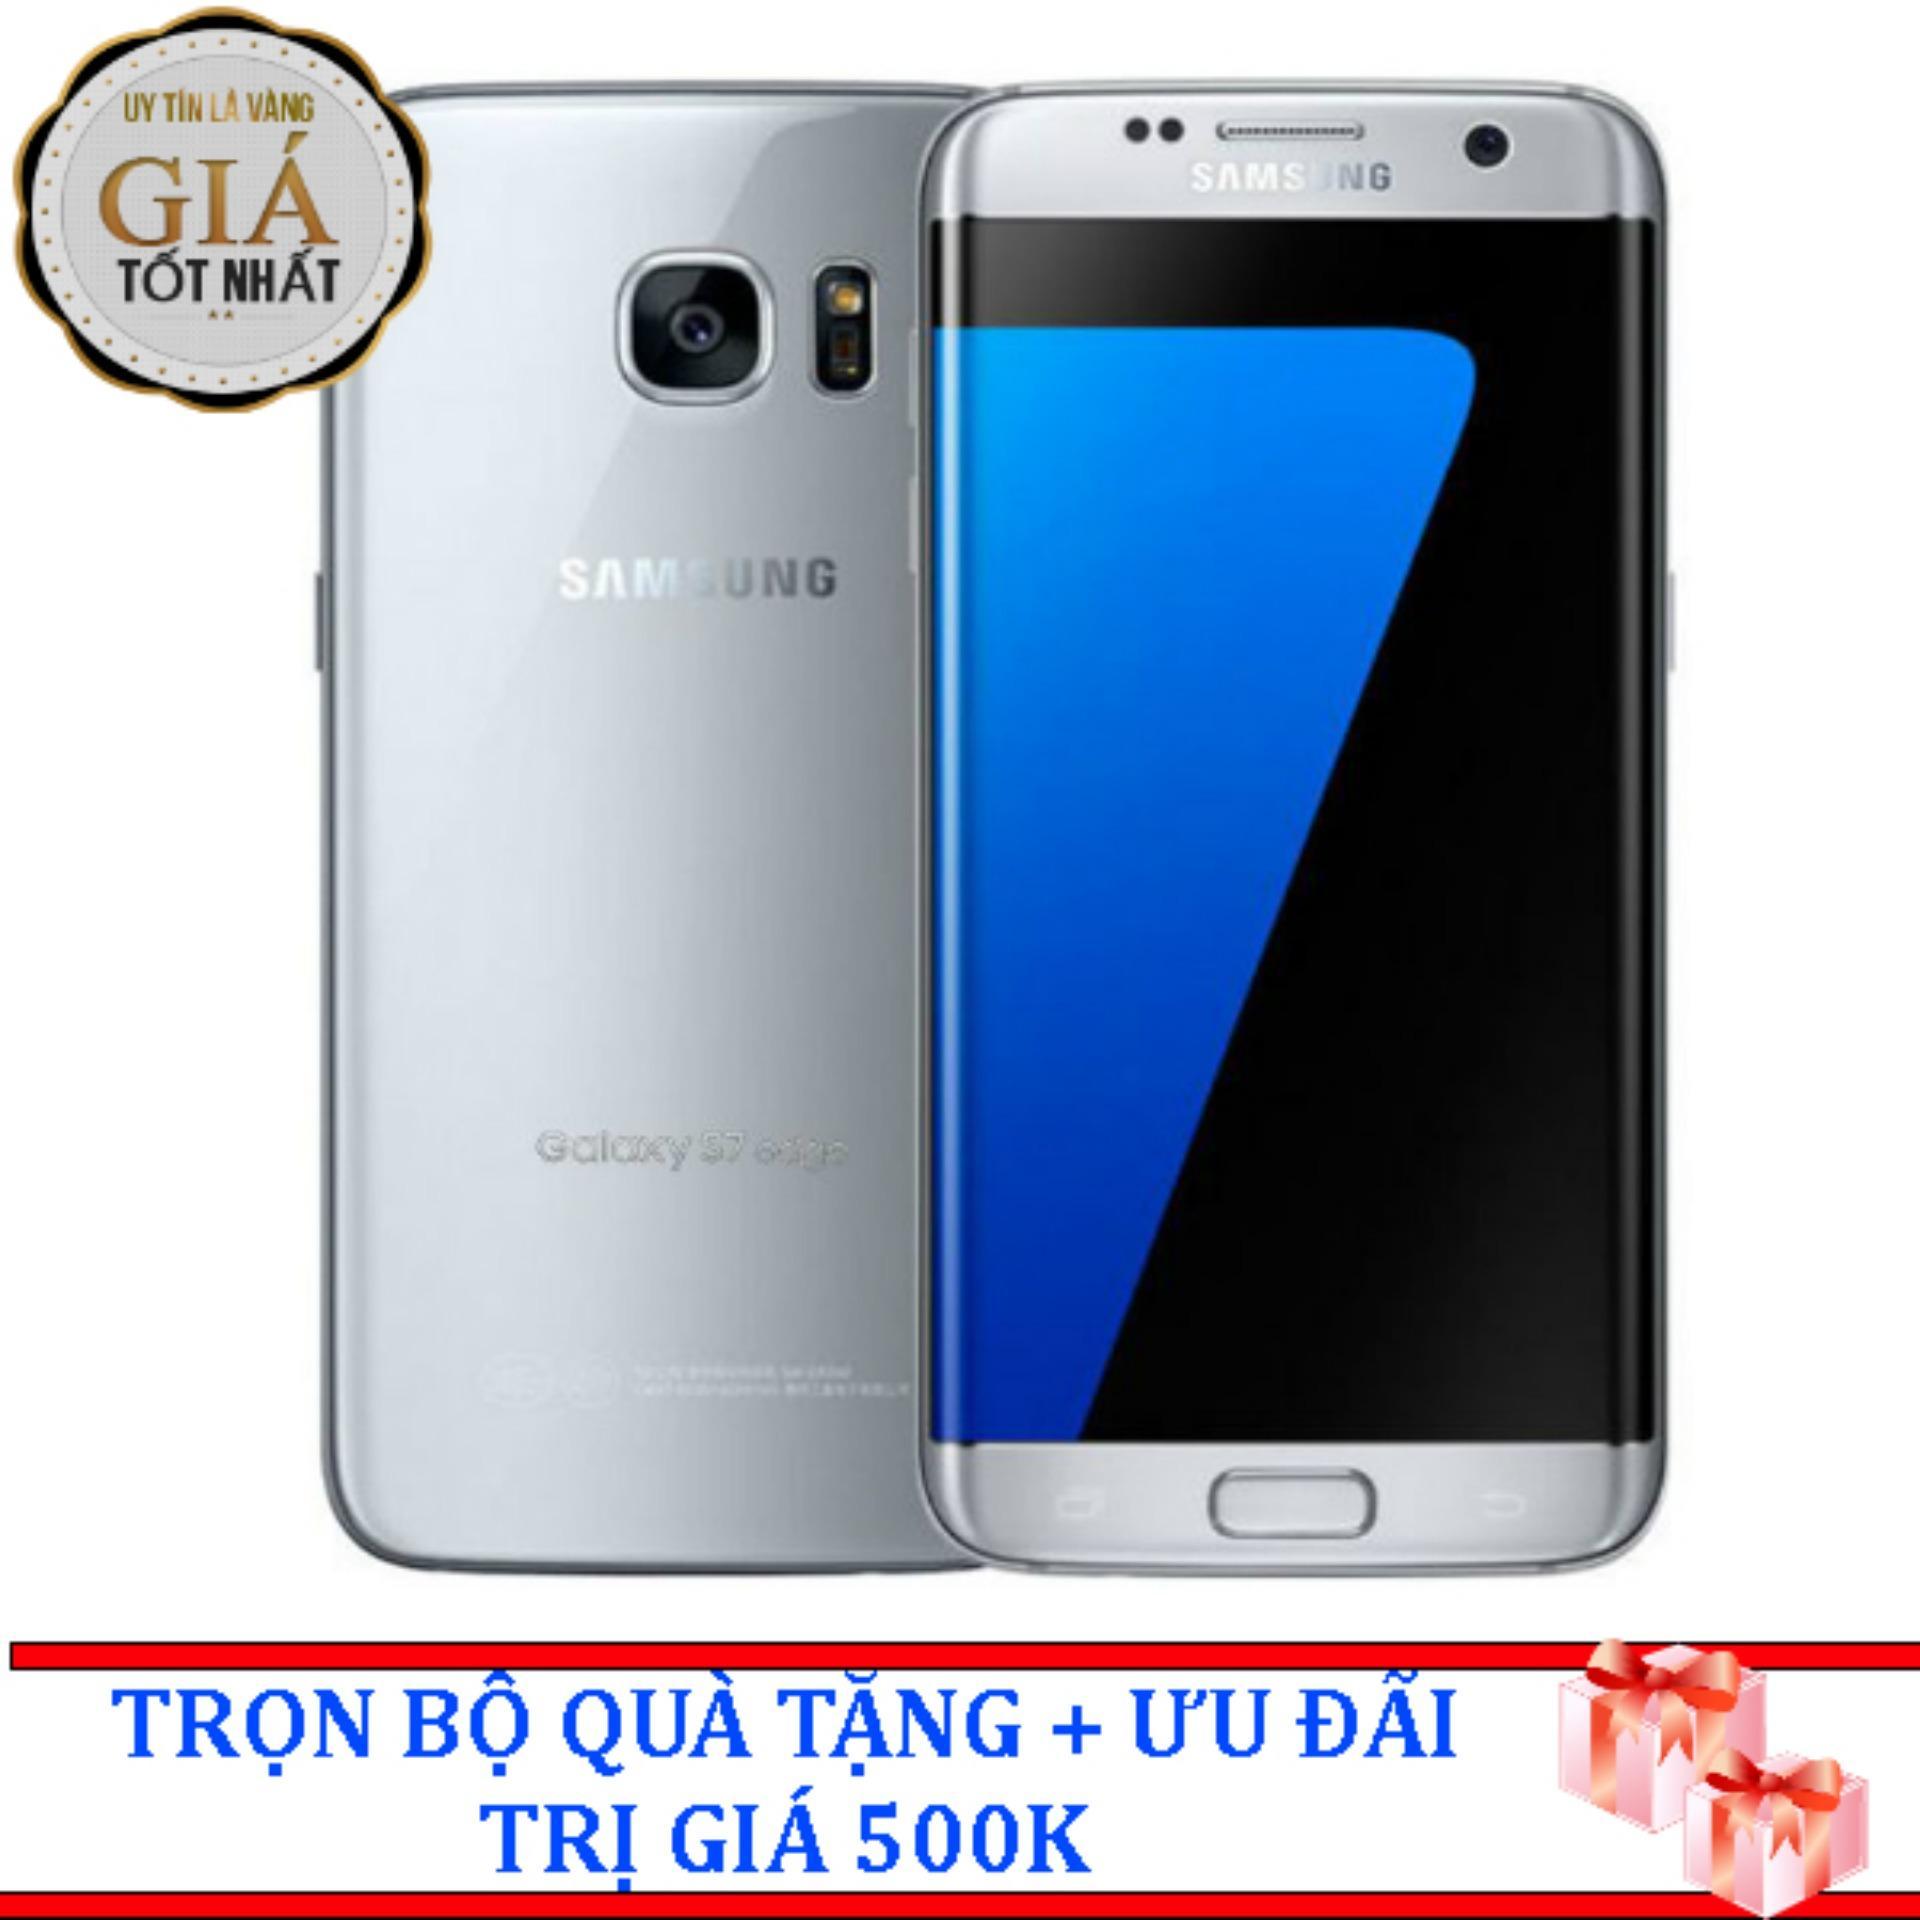 Giá Bán Samsung Galaxy S7 Edge 32Gb Bạc Hang Nhập Khẩu Samsung Nguyên